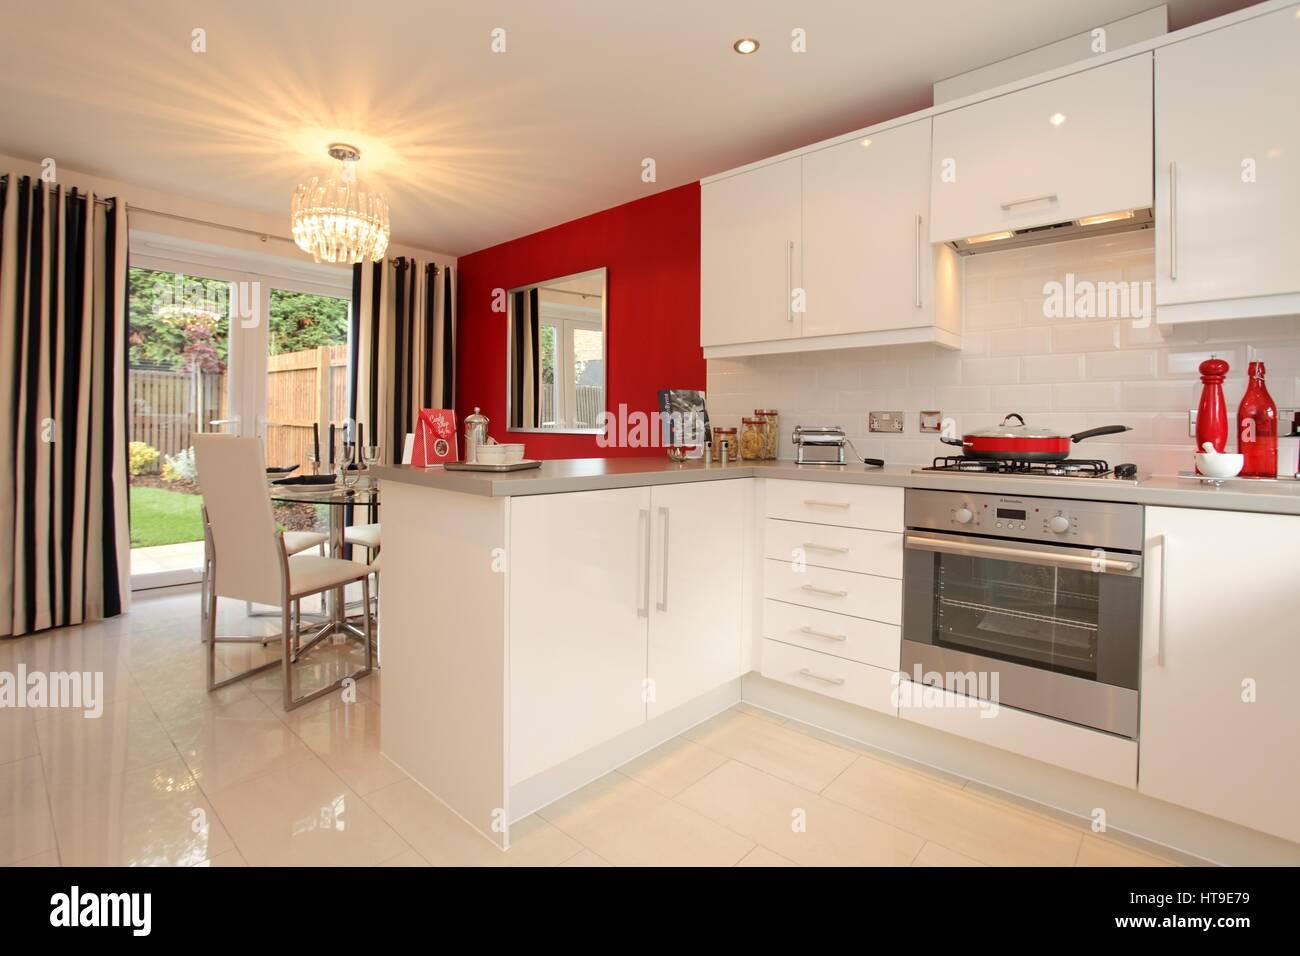 Home Interior Cozinha Casa Moderna Novo Build Cozinha Diner